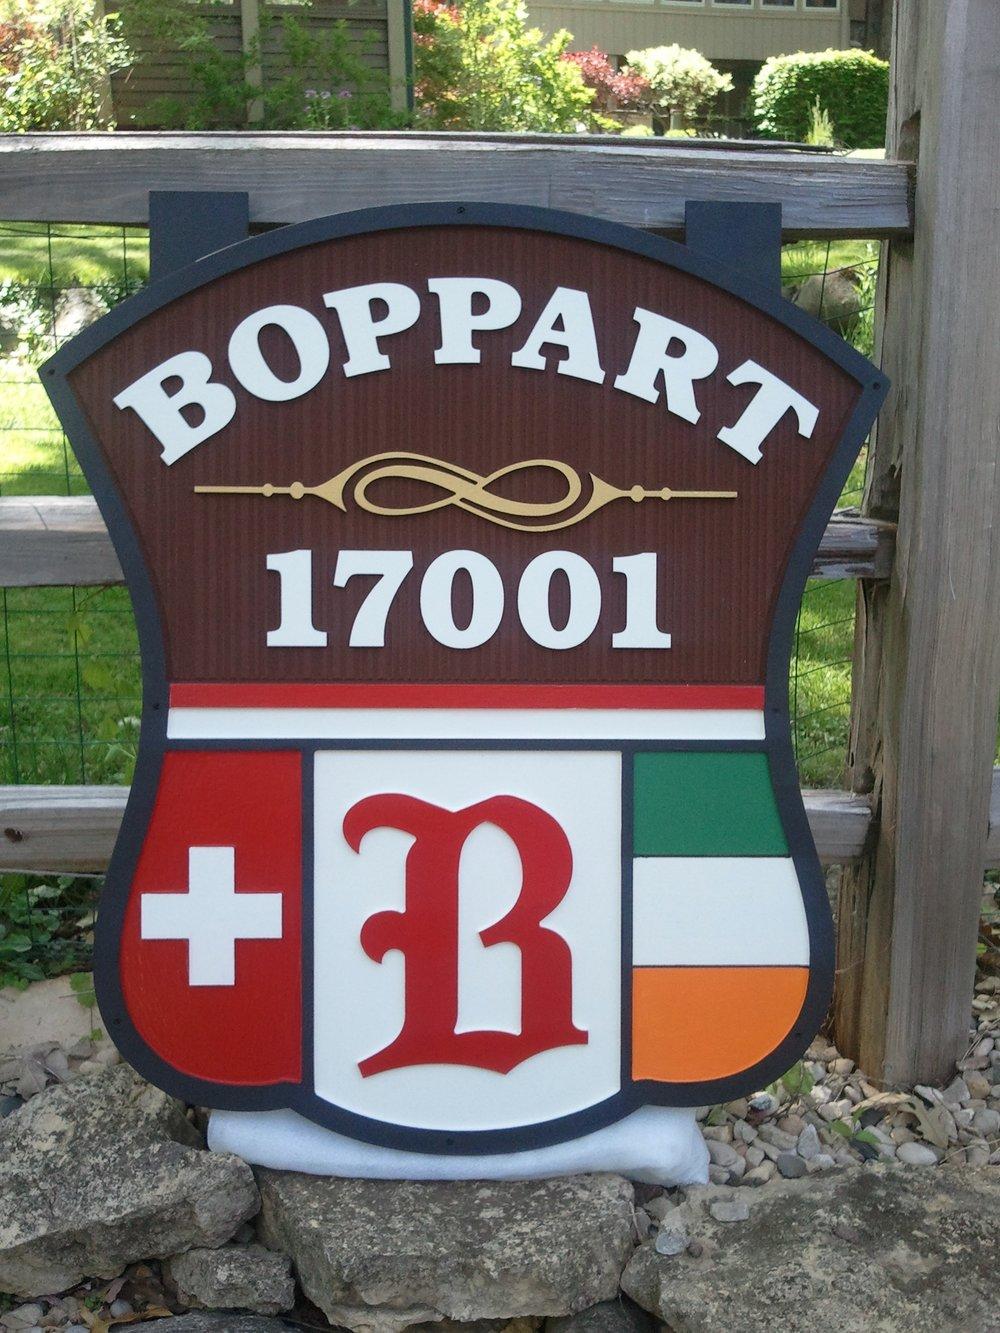 home_boppart2.jpg